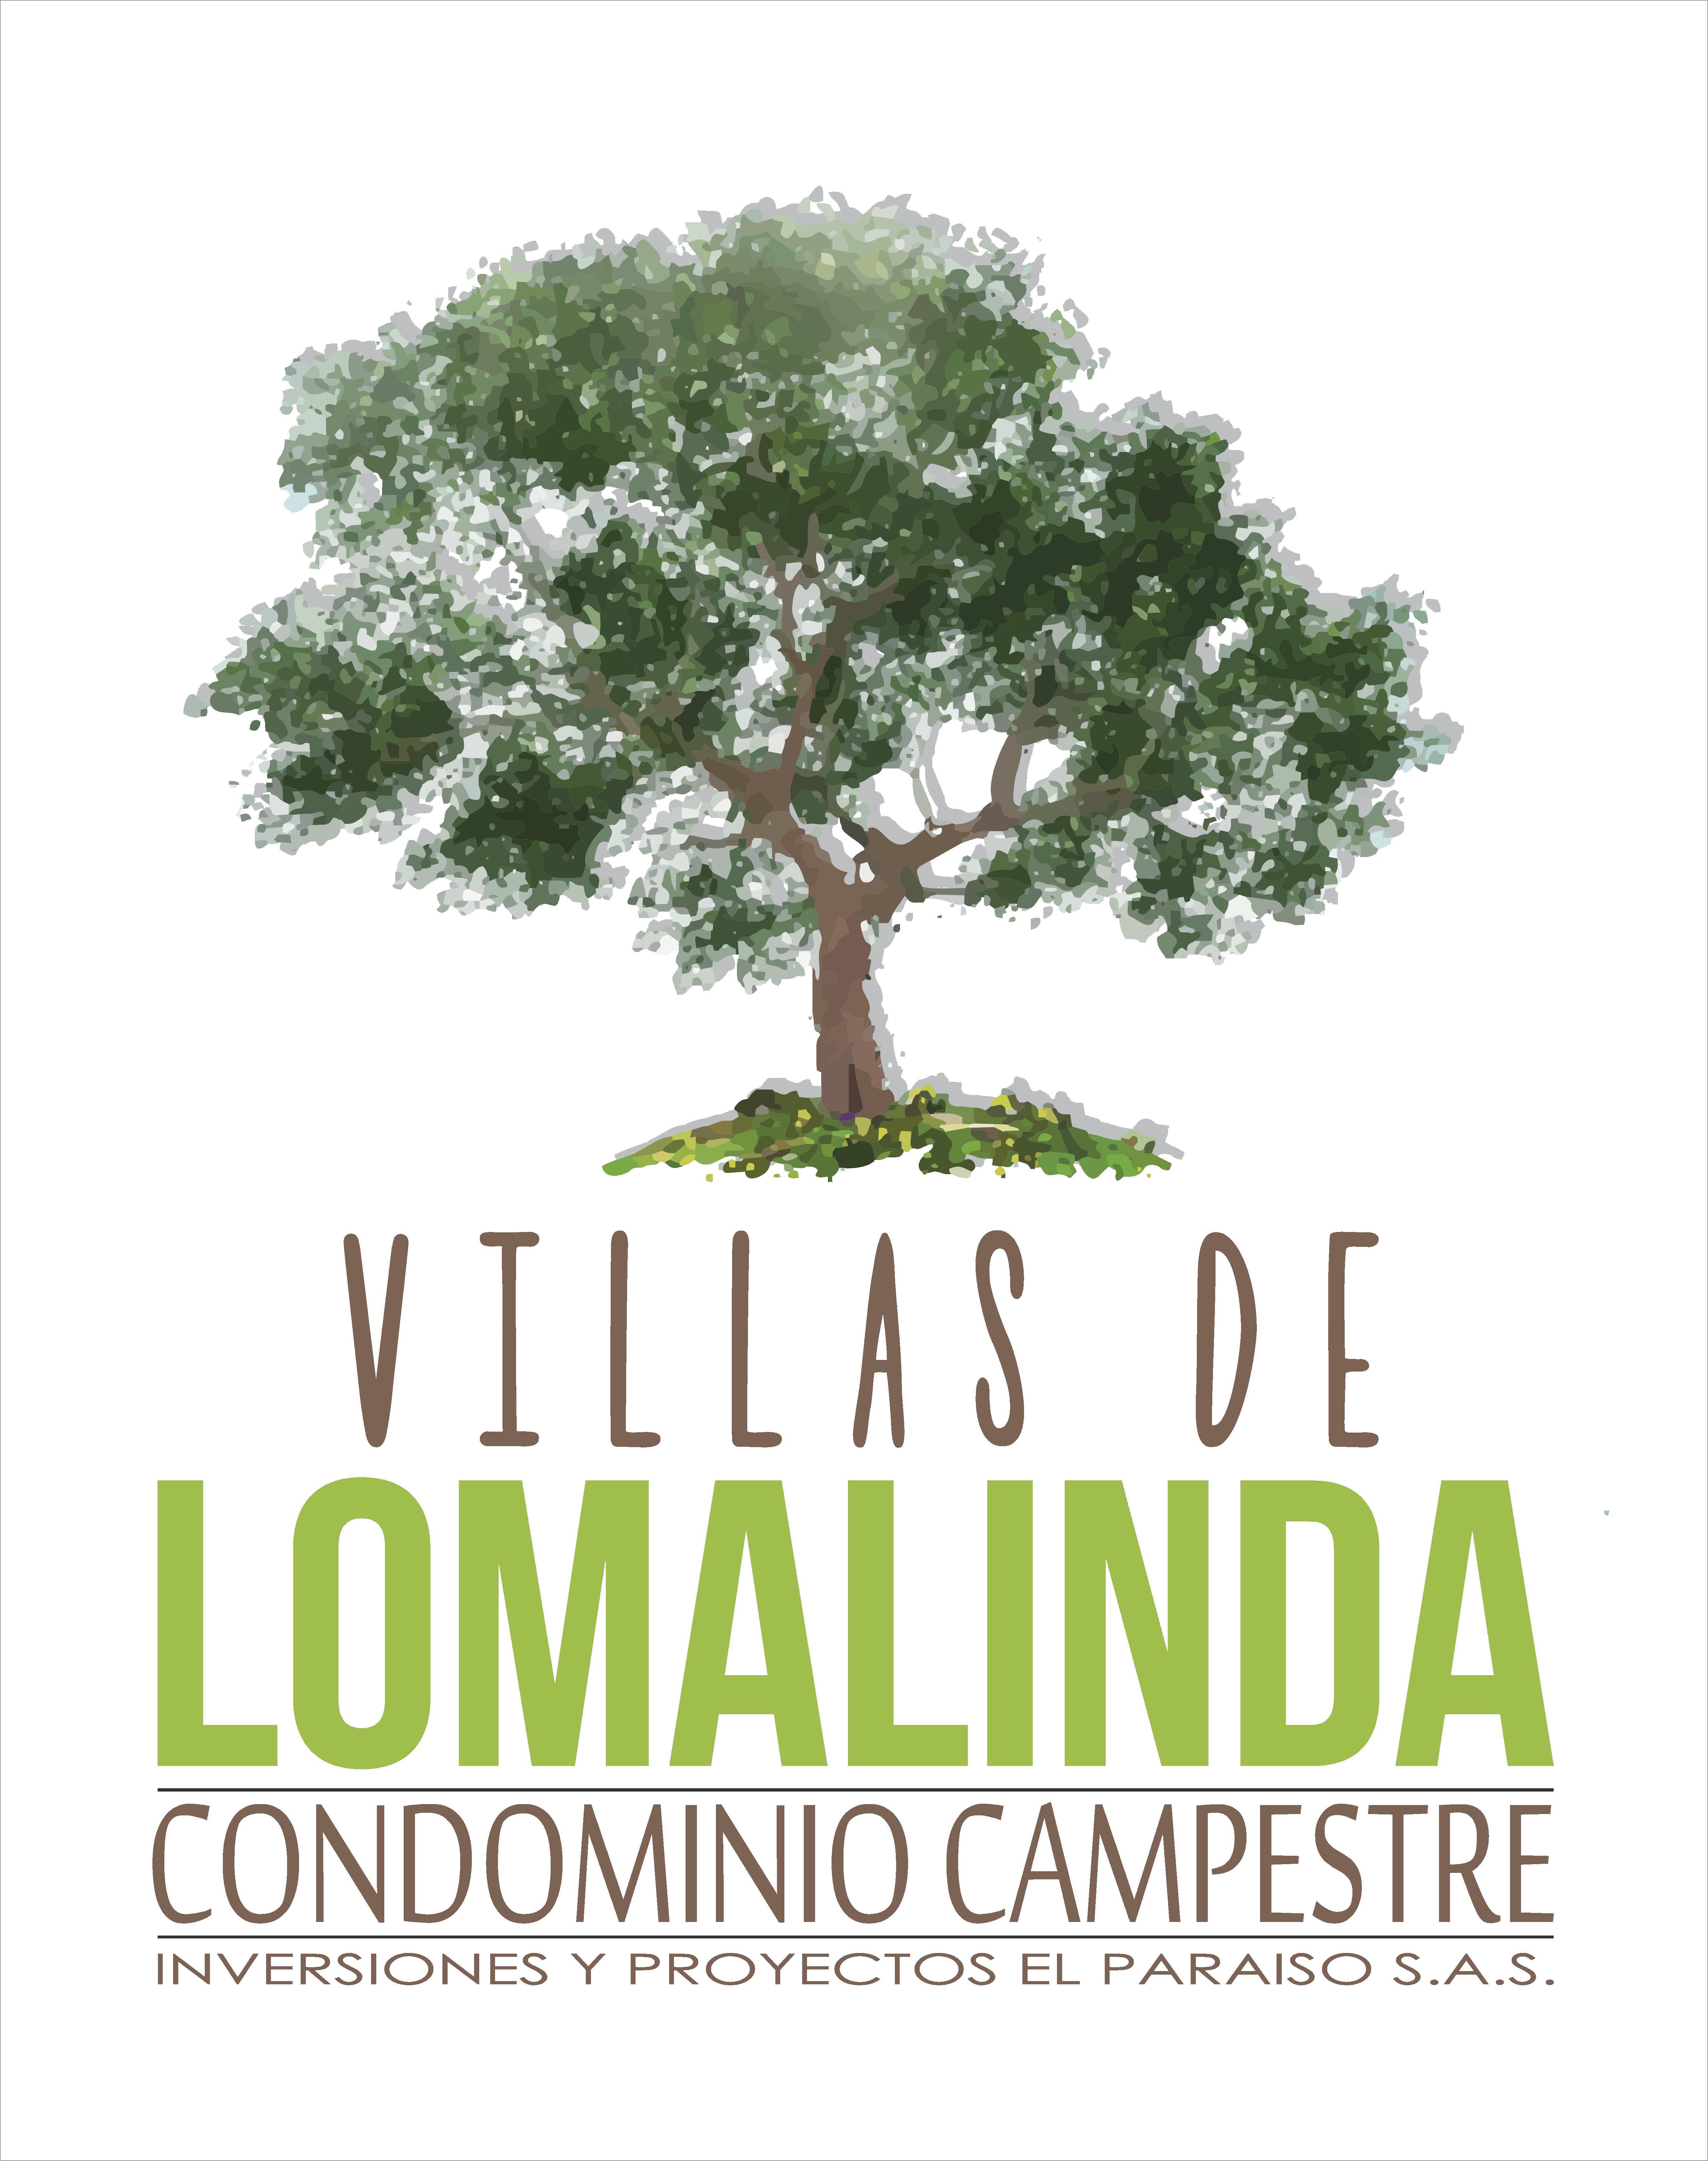 Villas de Lomalinda